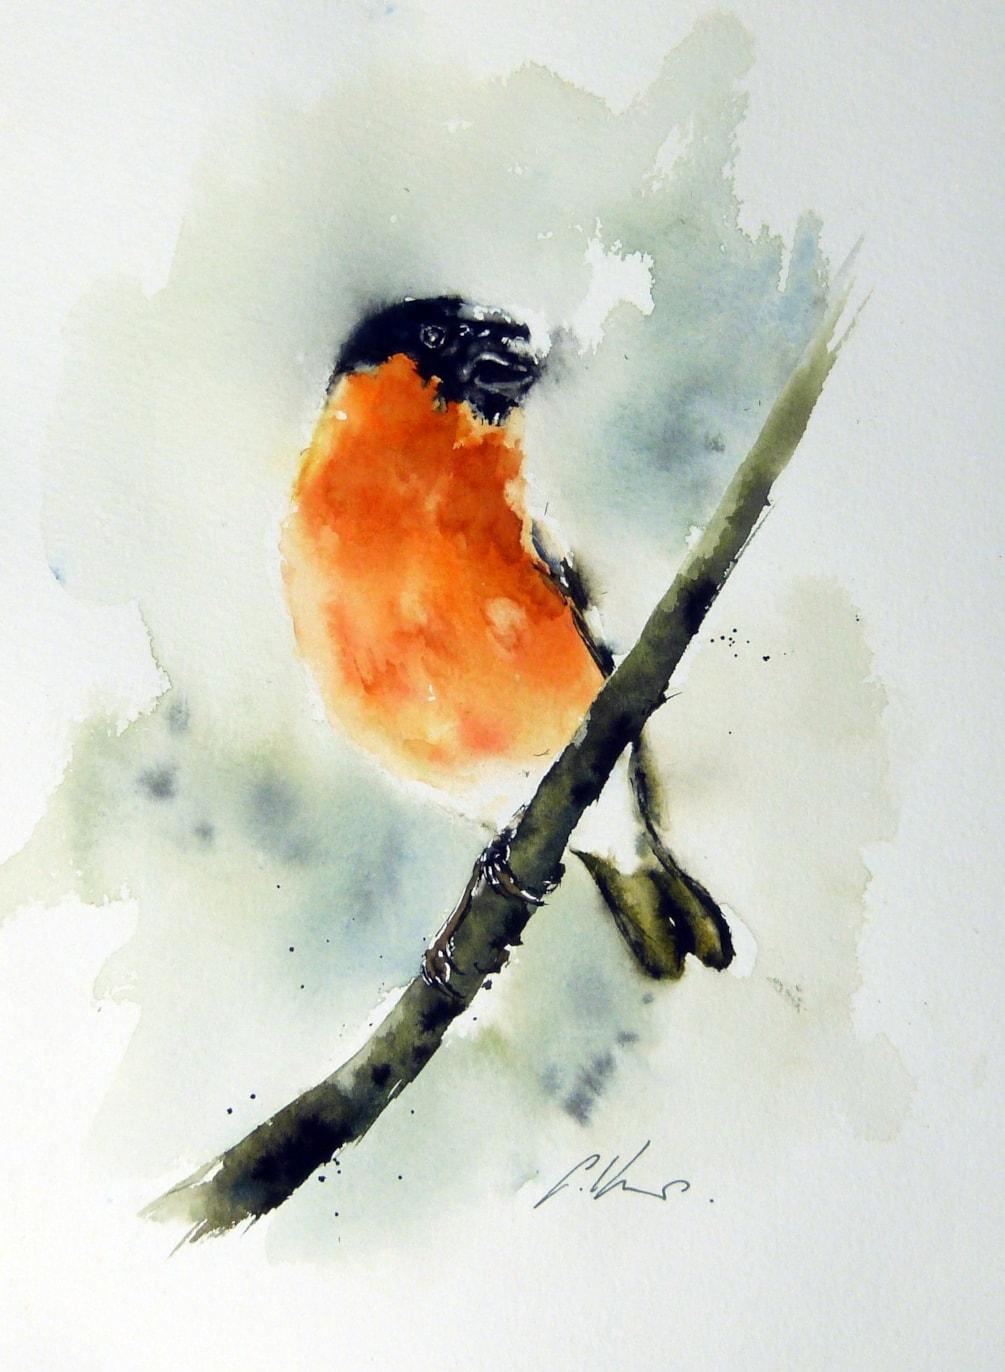 Bullfinch, watercolour by Graham Kemp.